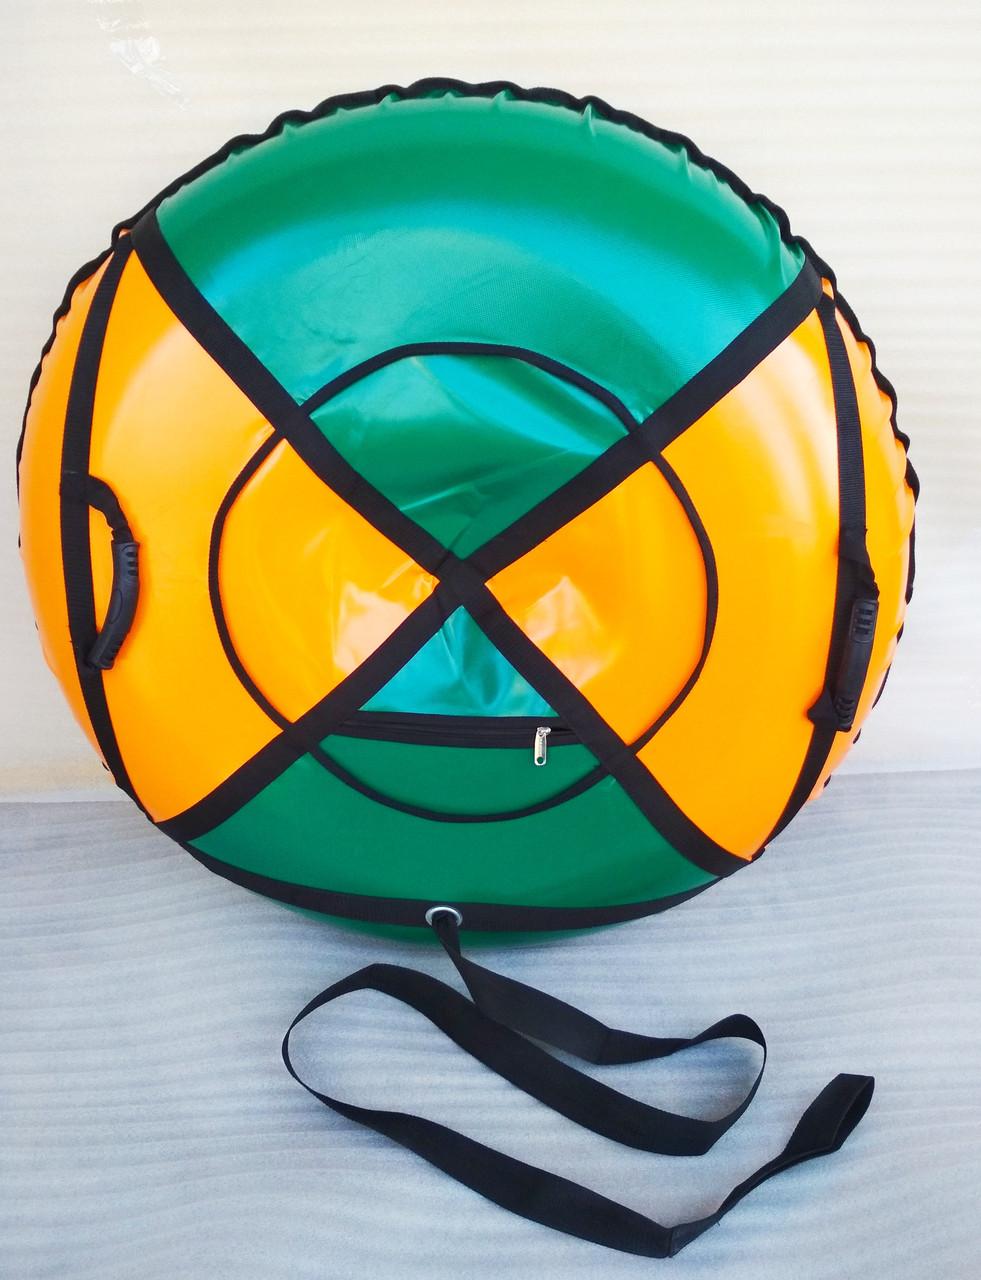 Тюбинг, ватрушка (санки надувные) диаметр 120 см.